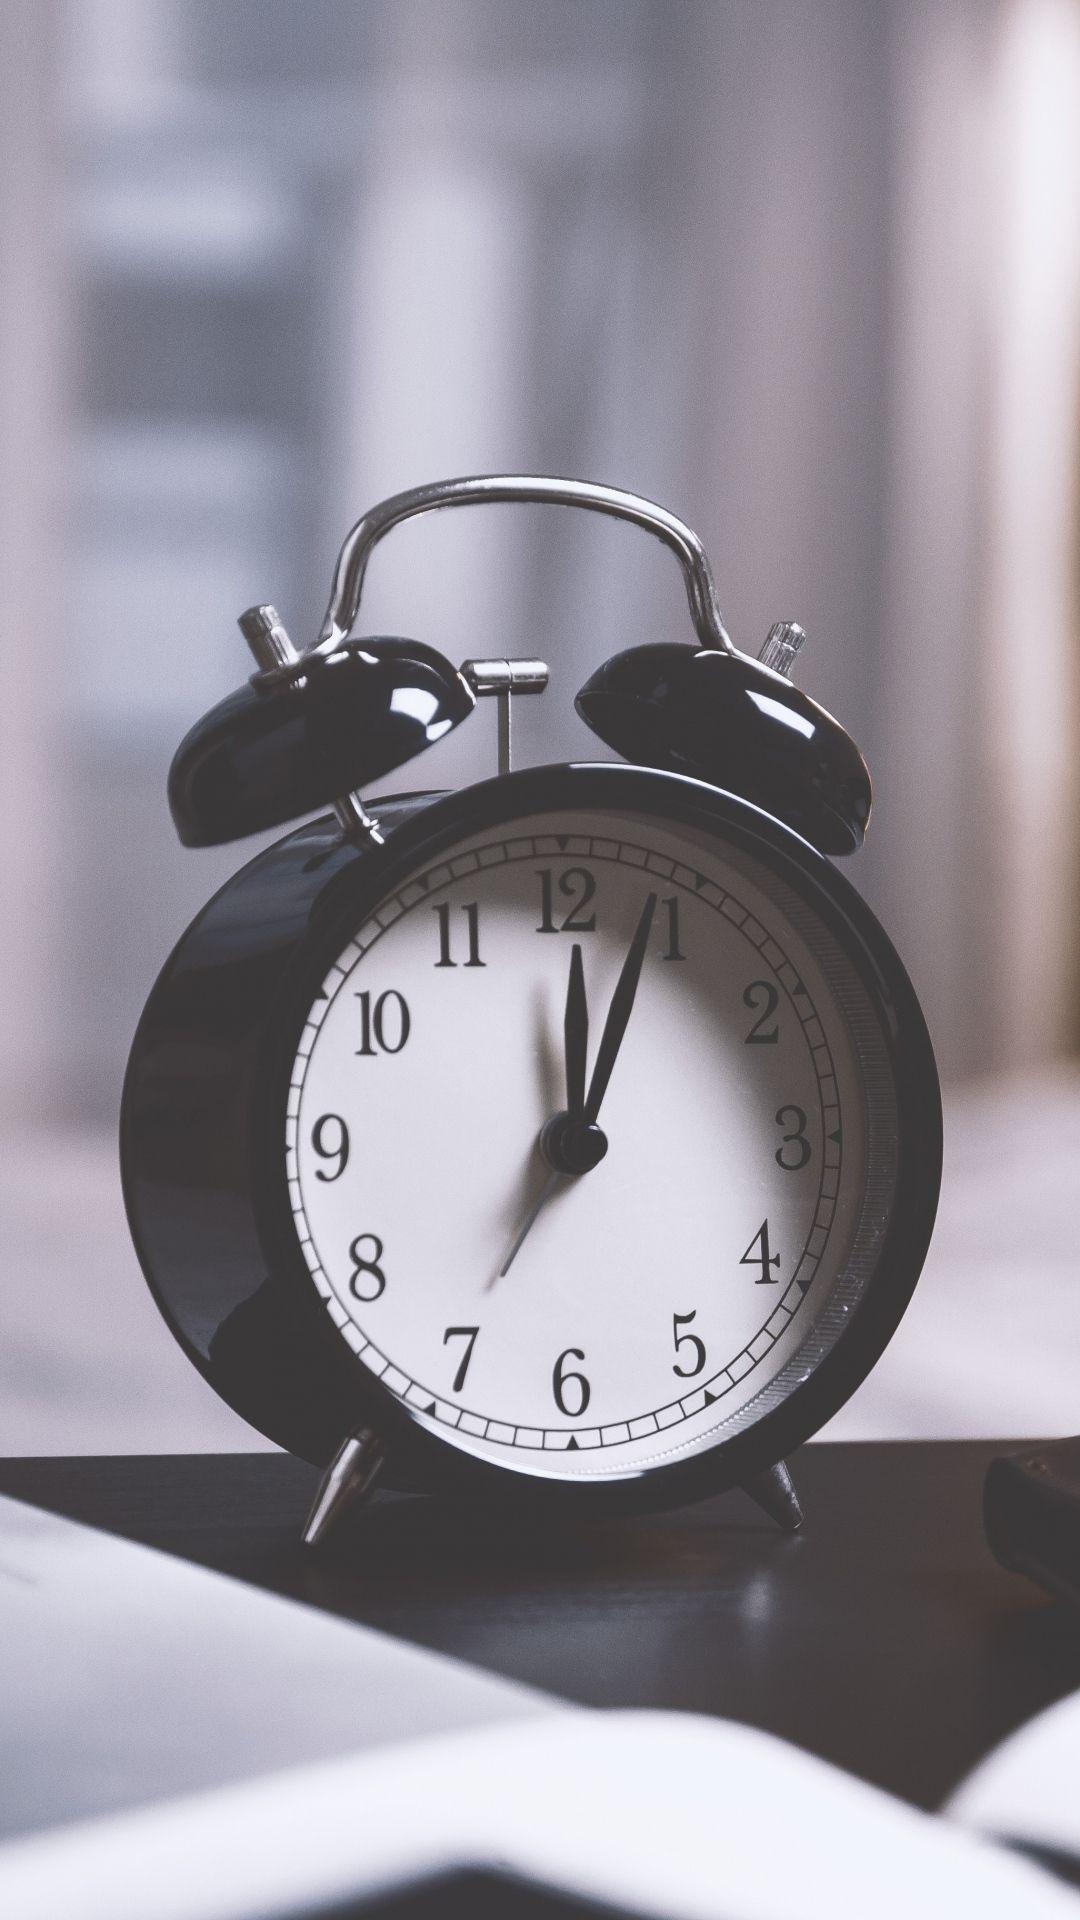 Download Wallpaper 1080x1920 Alarm Clock Clock Dial Sony Xperia Z1